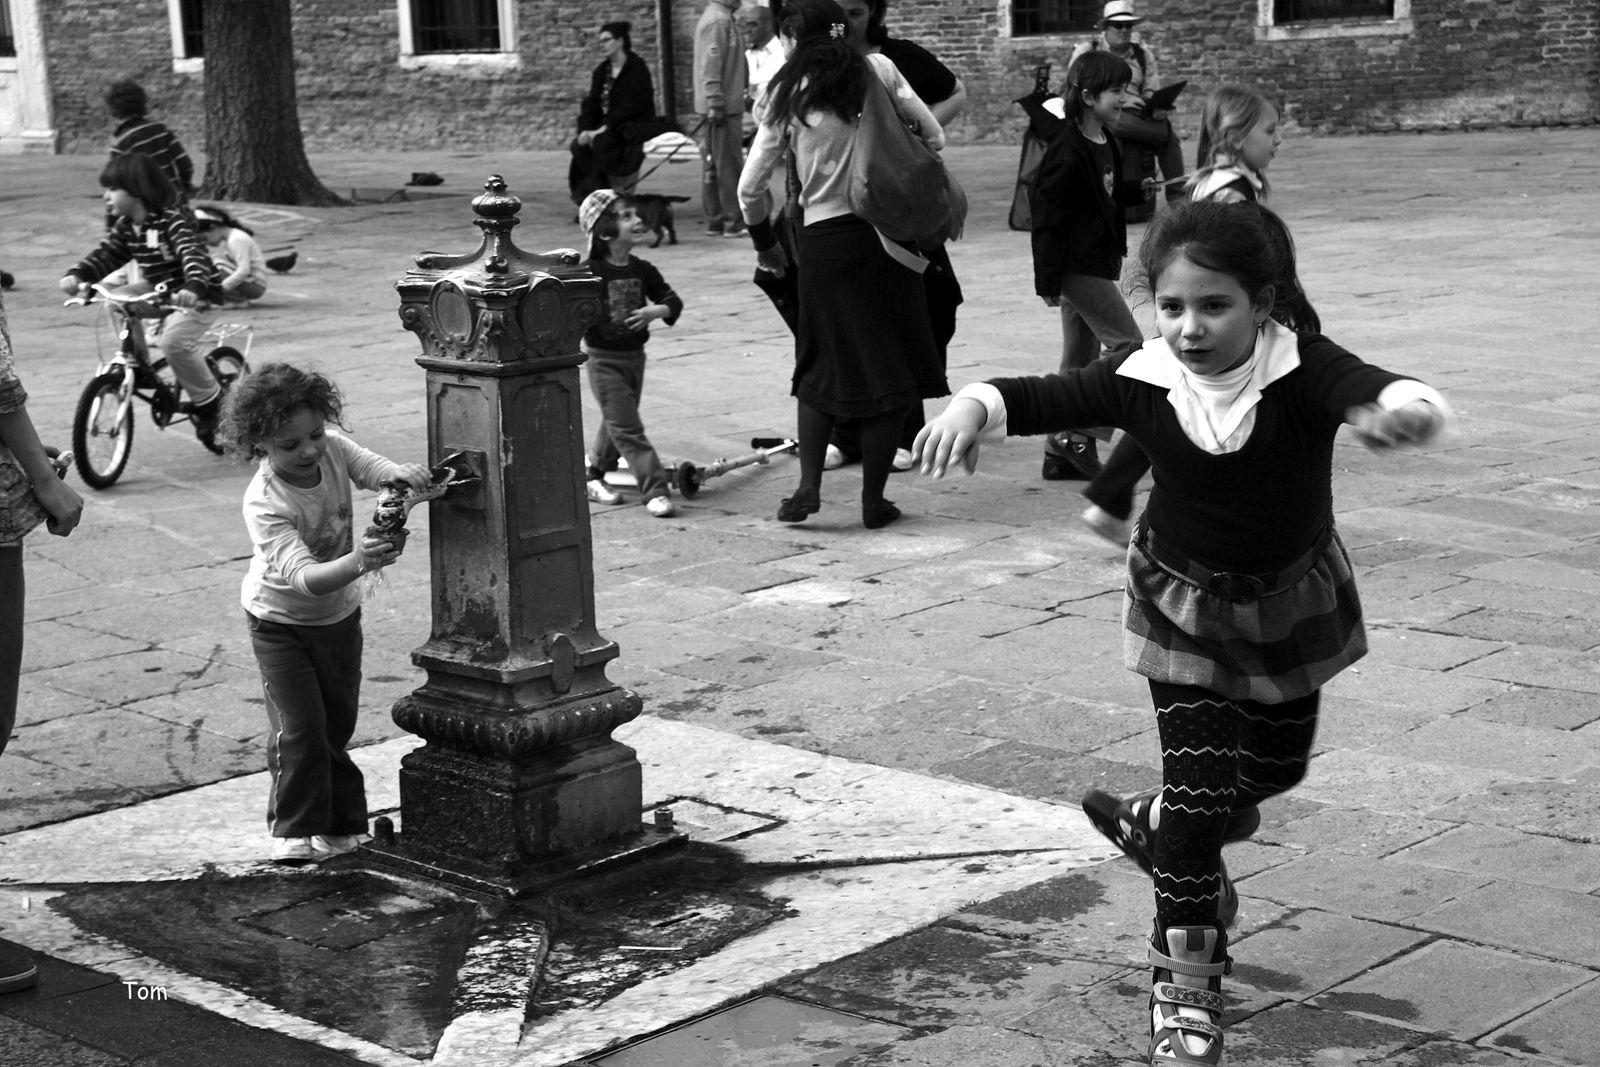 """""""Le manège enchanté"""" - j'en reviens encore à vous divine fontaine autour de laquelle les enfants semblent si heureux"""